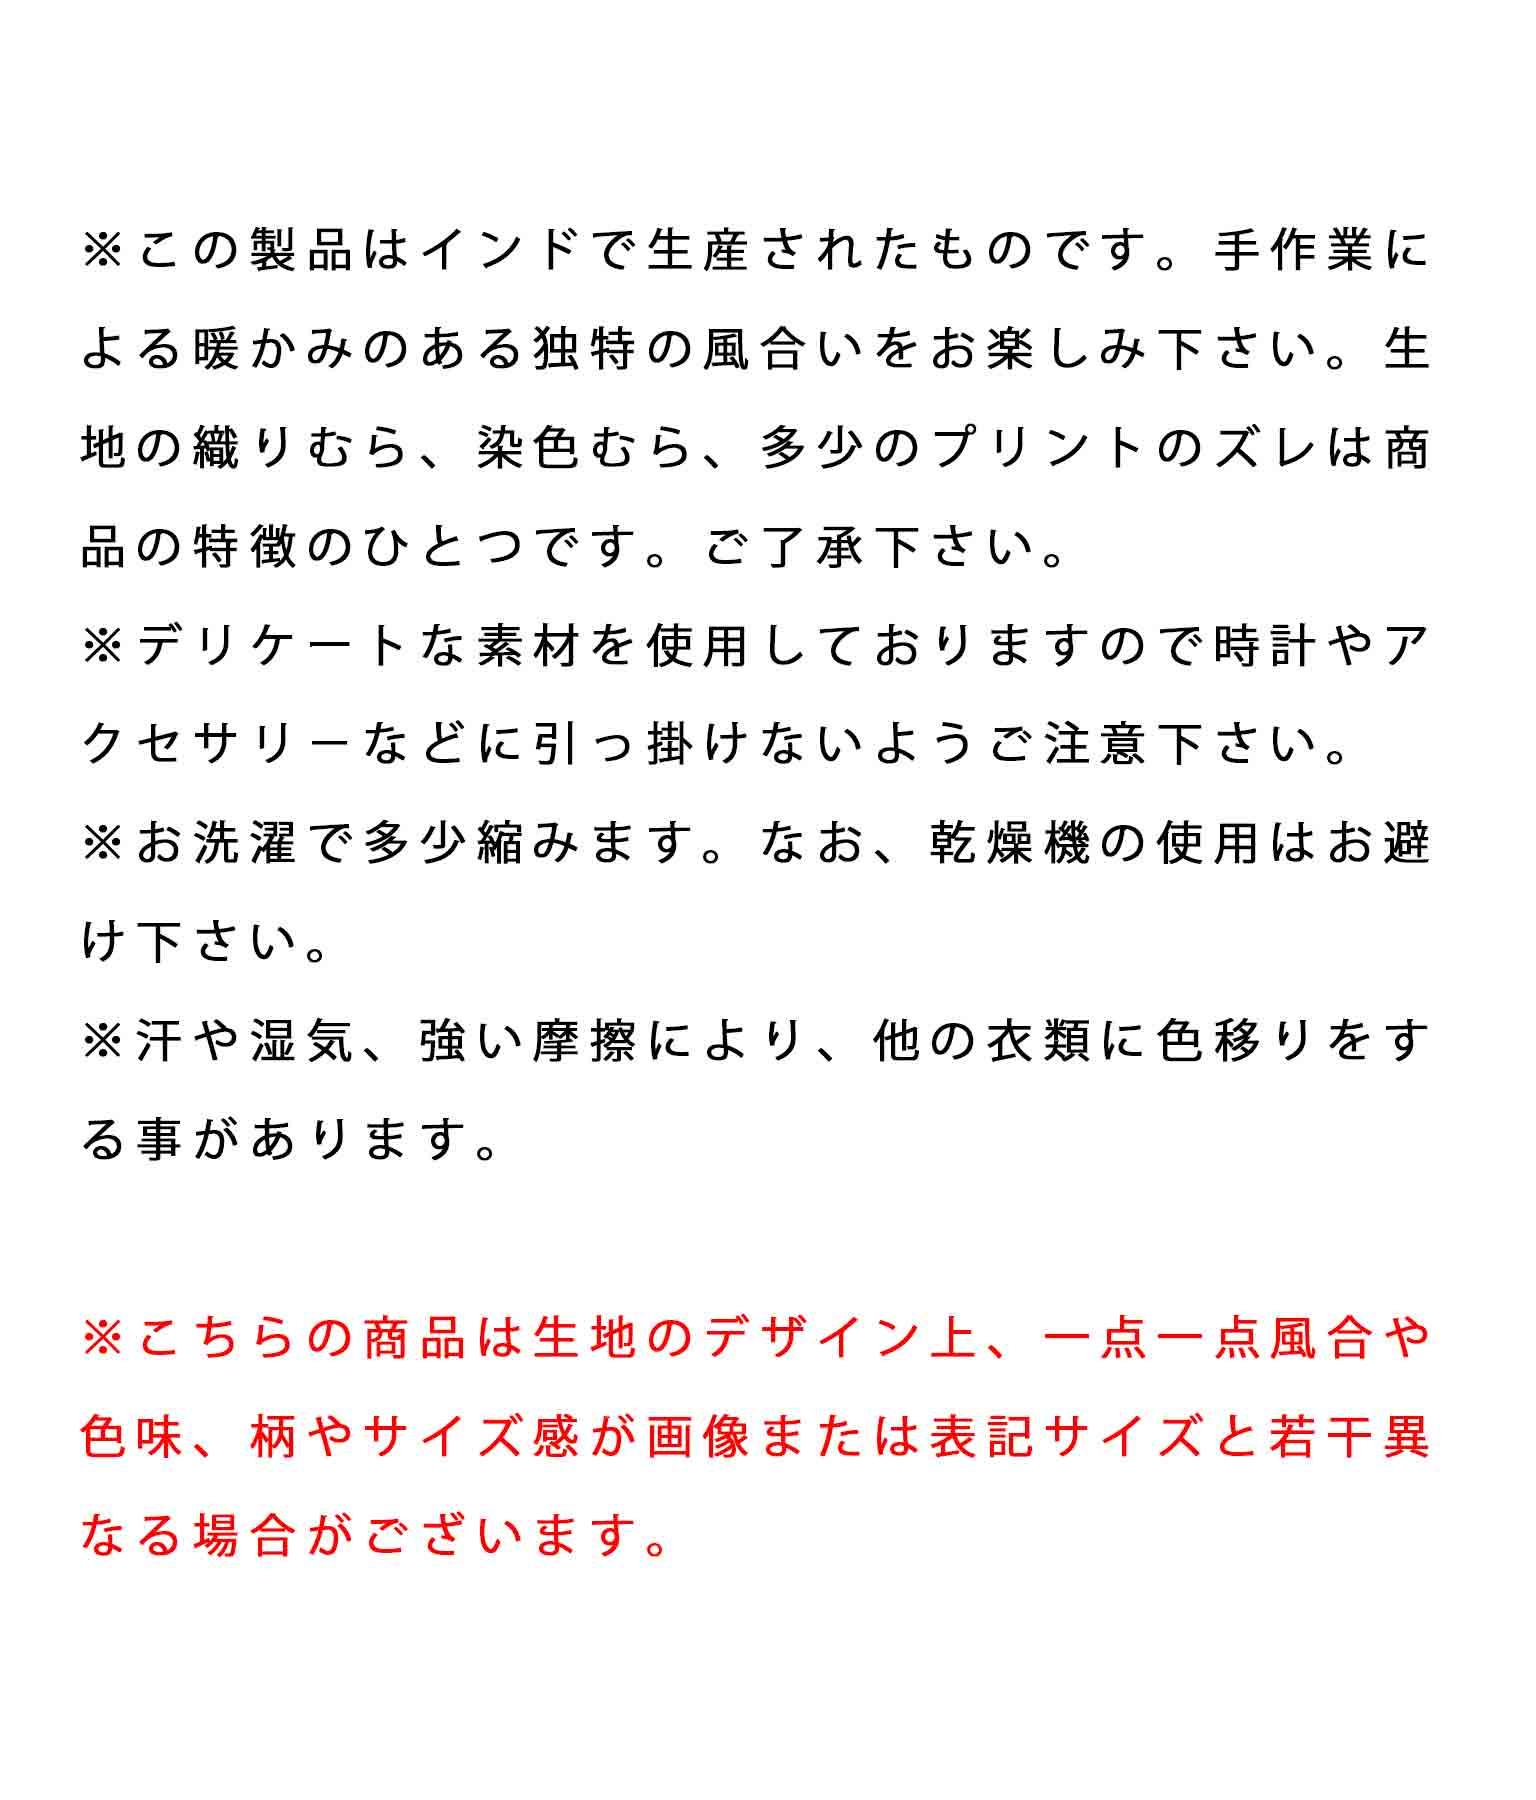 ダジュールエプロン(インテリア雑貨/キッチングッズ) | ANAP HOME